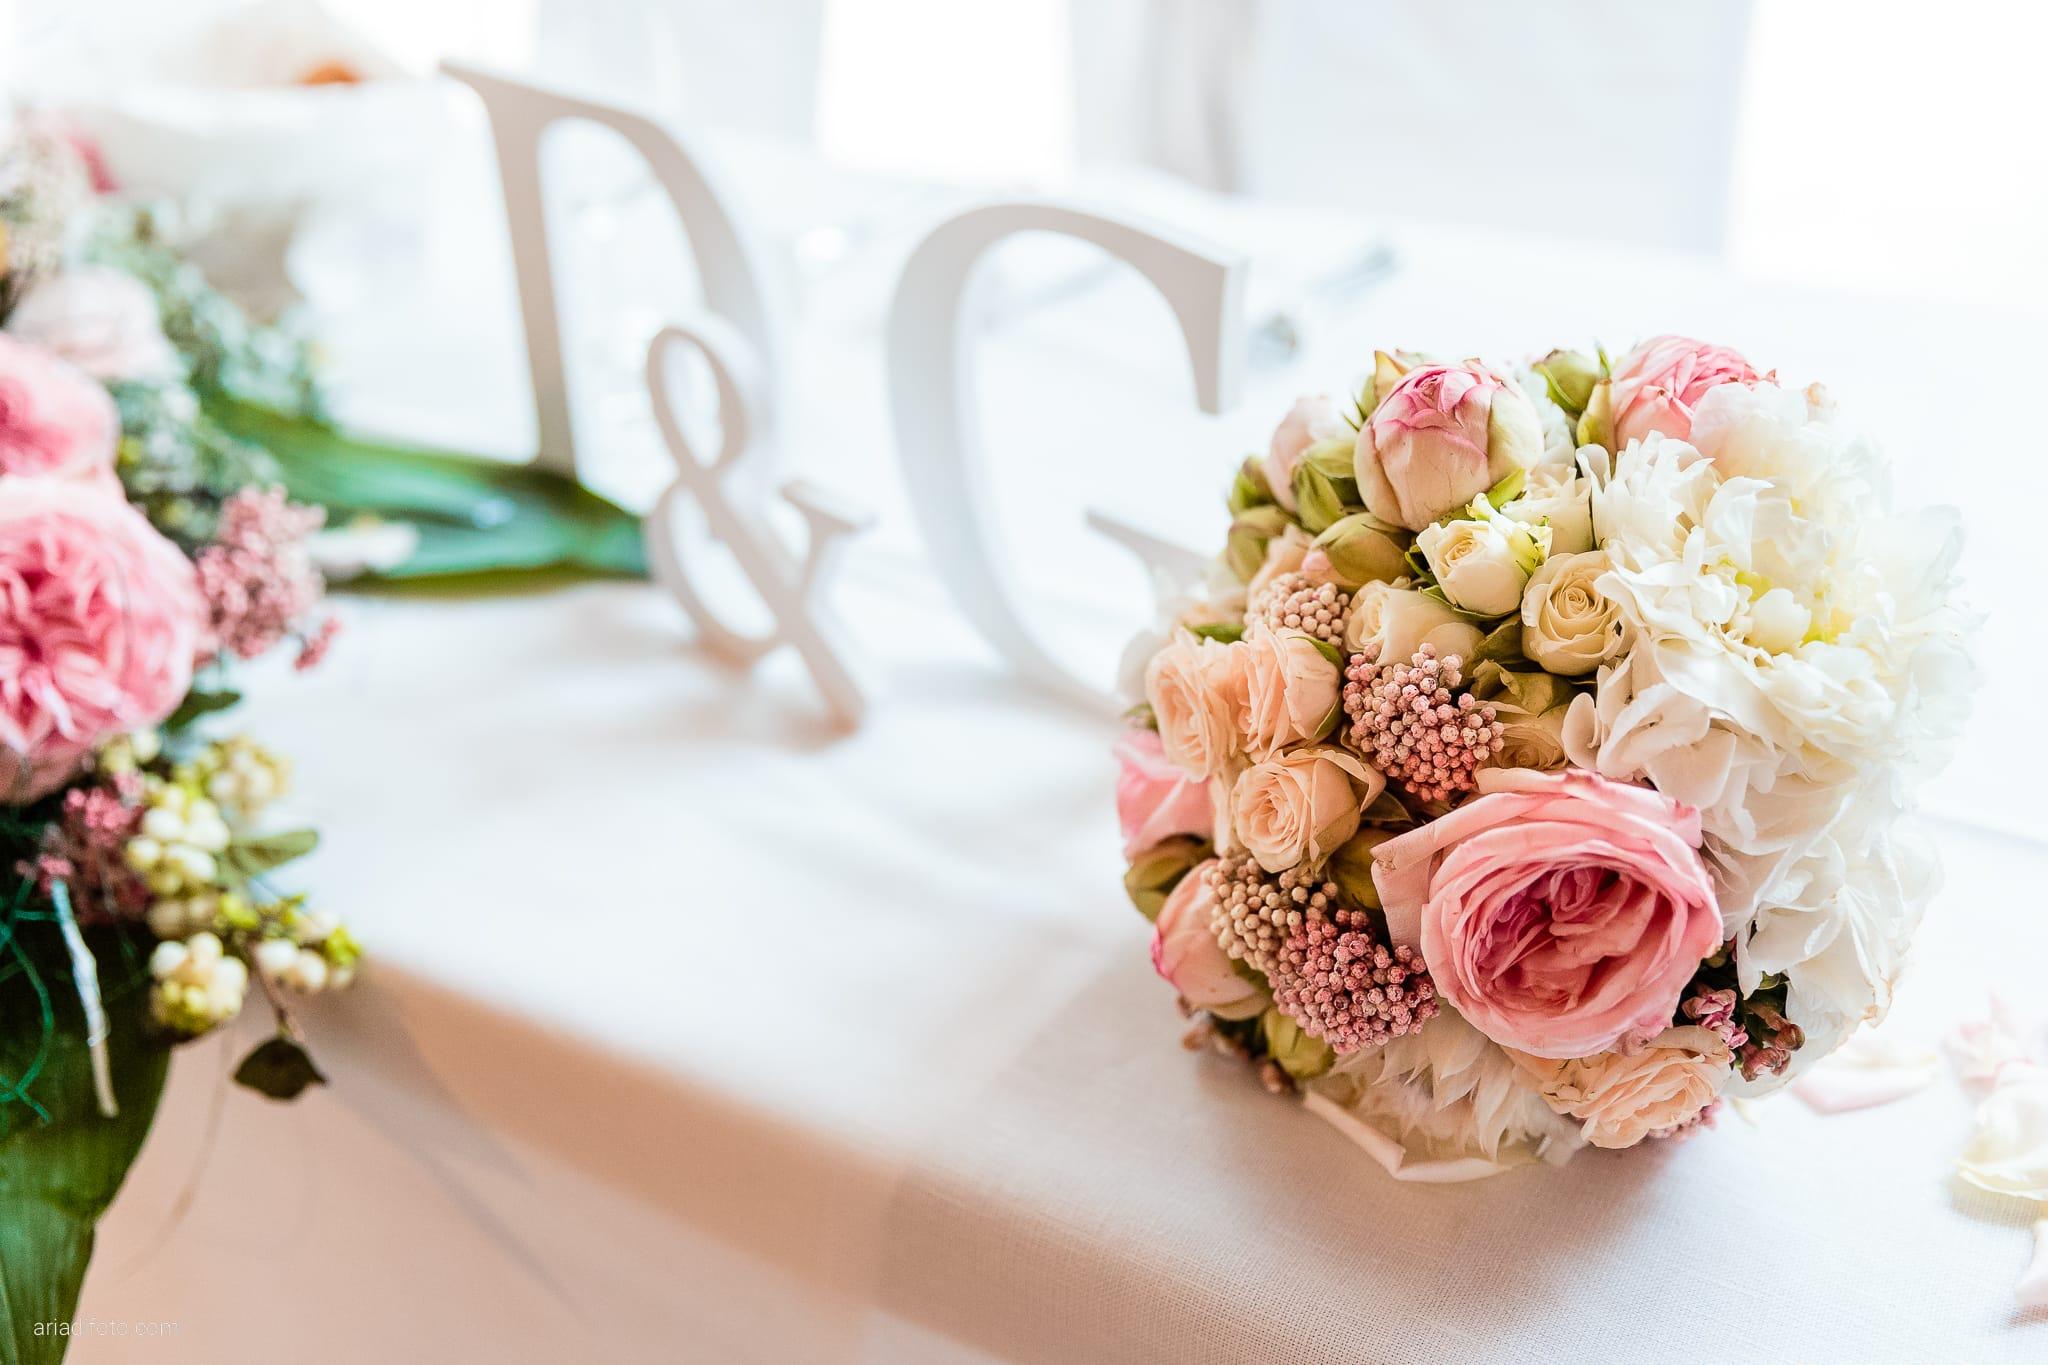 Giorgia Davide Matrimonio Villa Revoltella Salvia Rosmarino Trieste ricevimento dettagli bouquet fiori rose iniziali